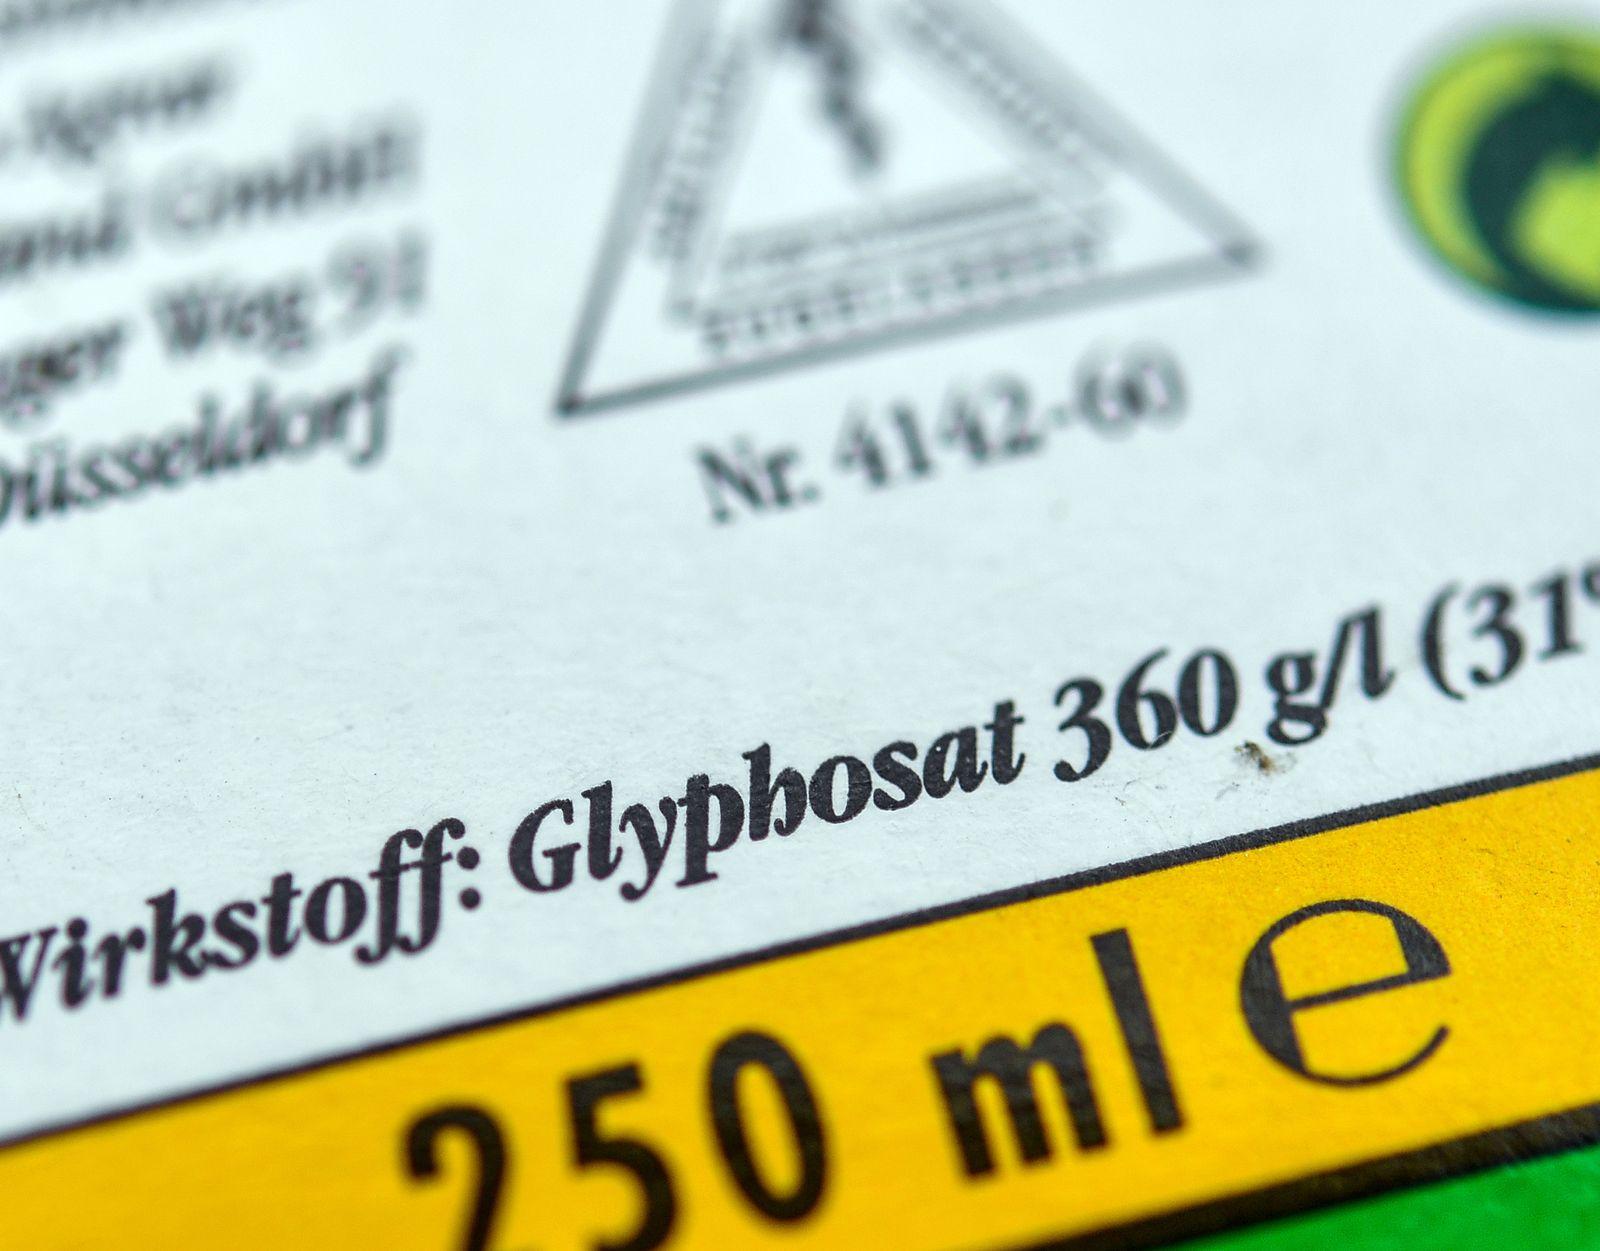 Österreich setzt geplantes Glyphosatverbot nicht in Kraft